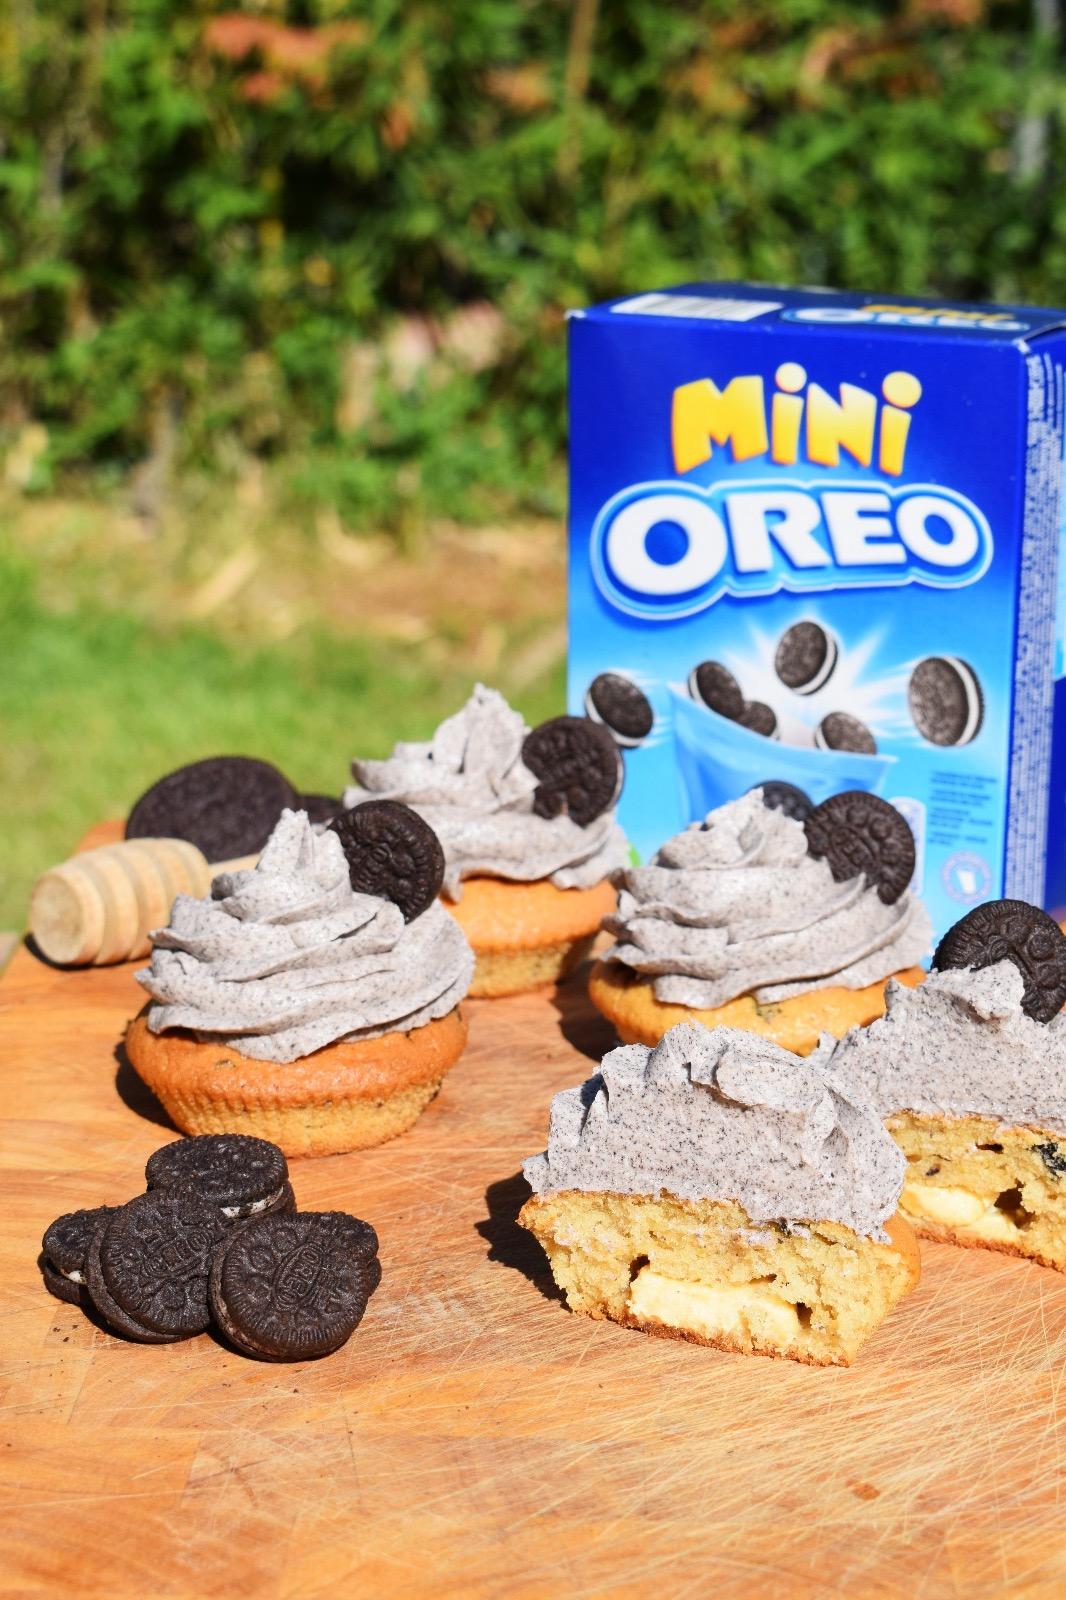 Muffins de oreo rellenas de chocolate blanco